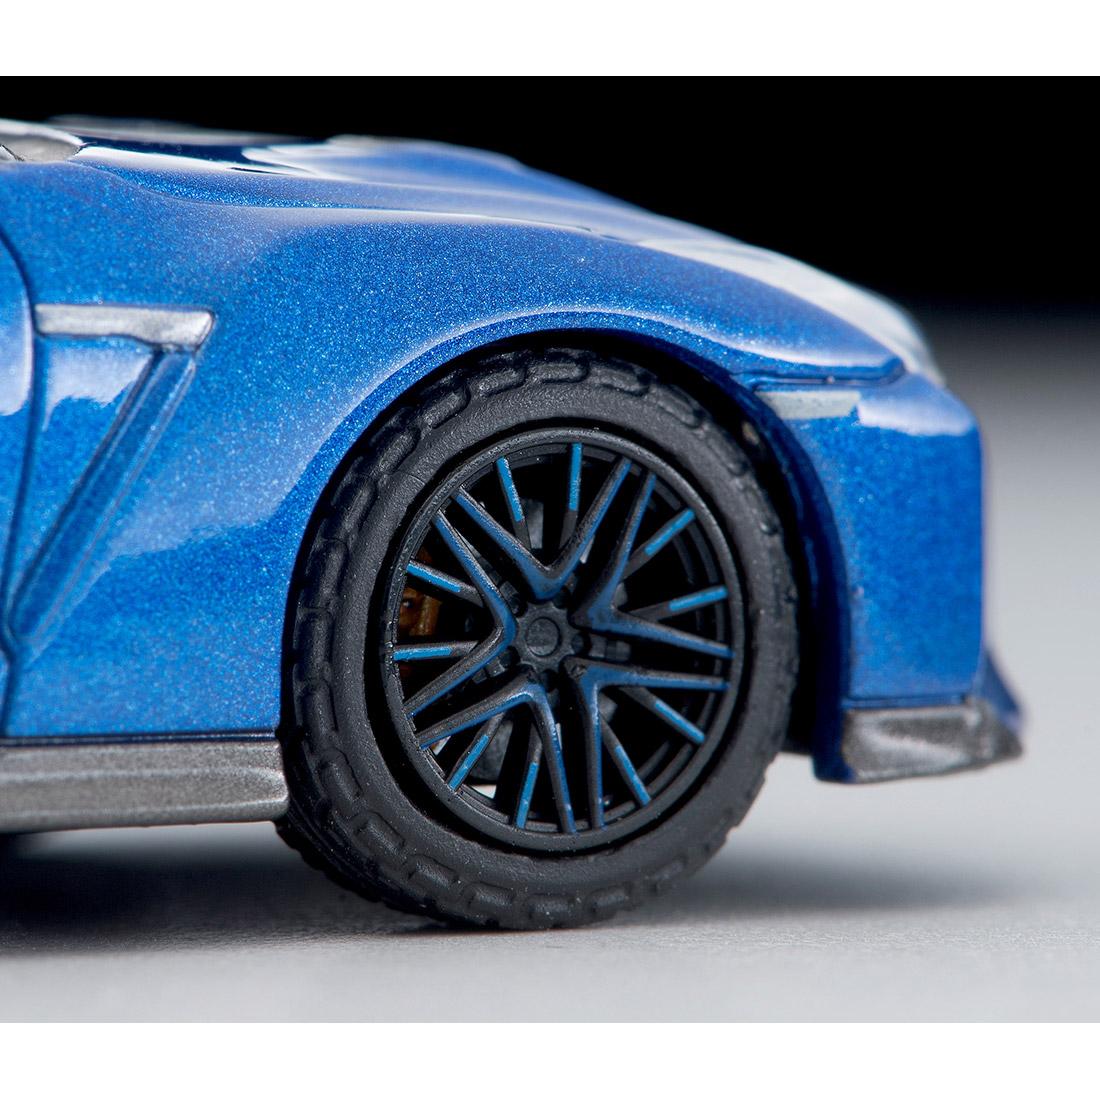 トミカリミテッドヴィンテージ ネオ LV-N200a『日産GT-R 50th ANNIVERSARY(青)』1/64 ミニカー-007